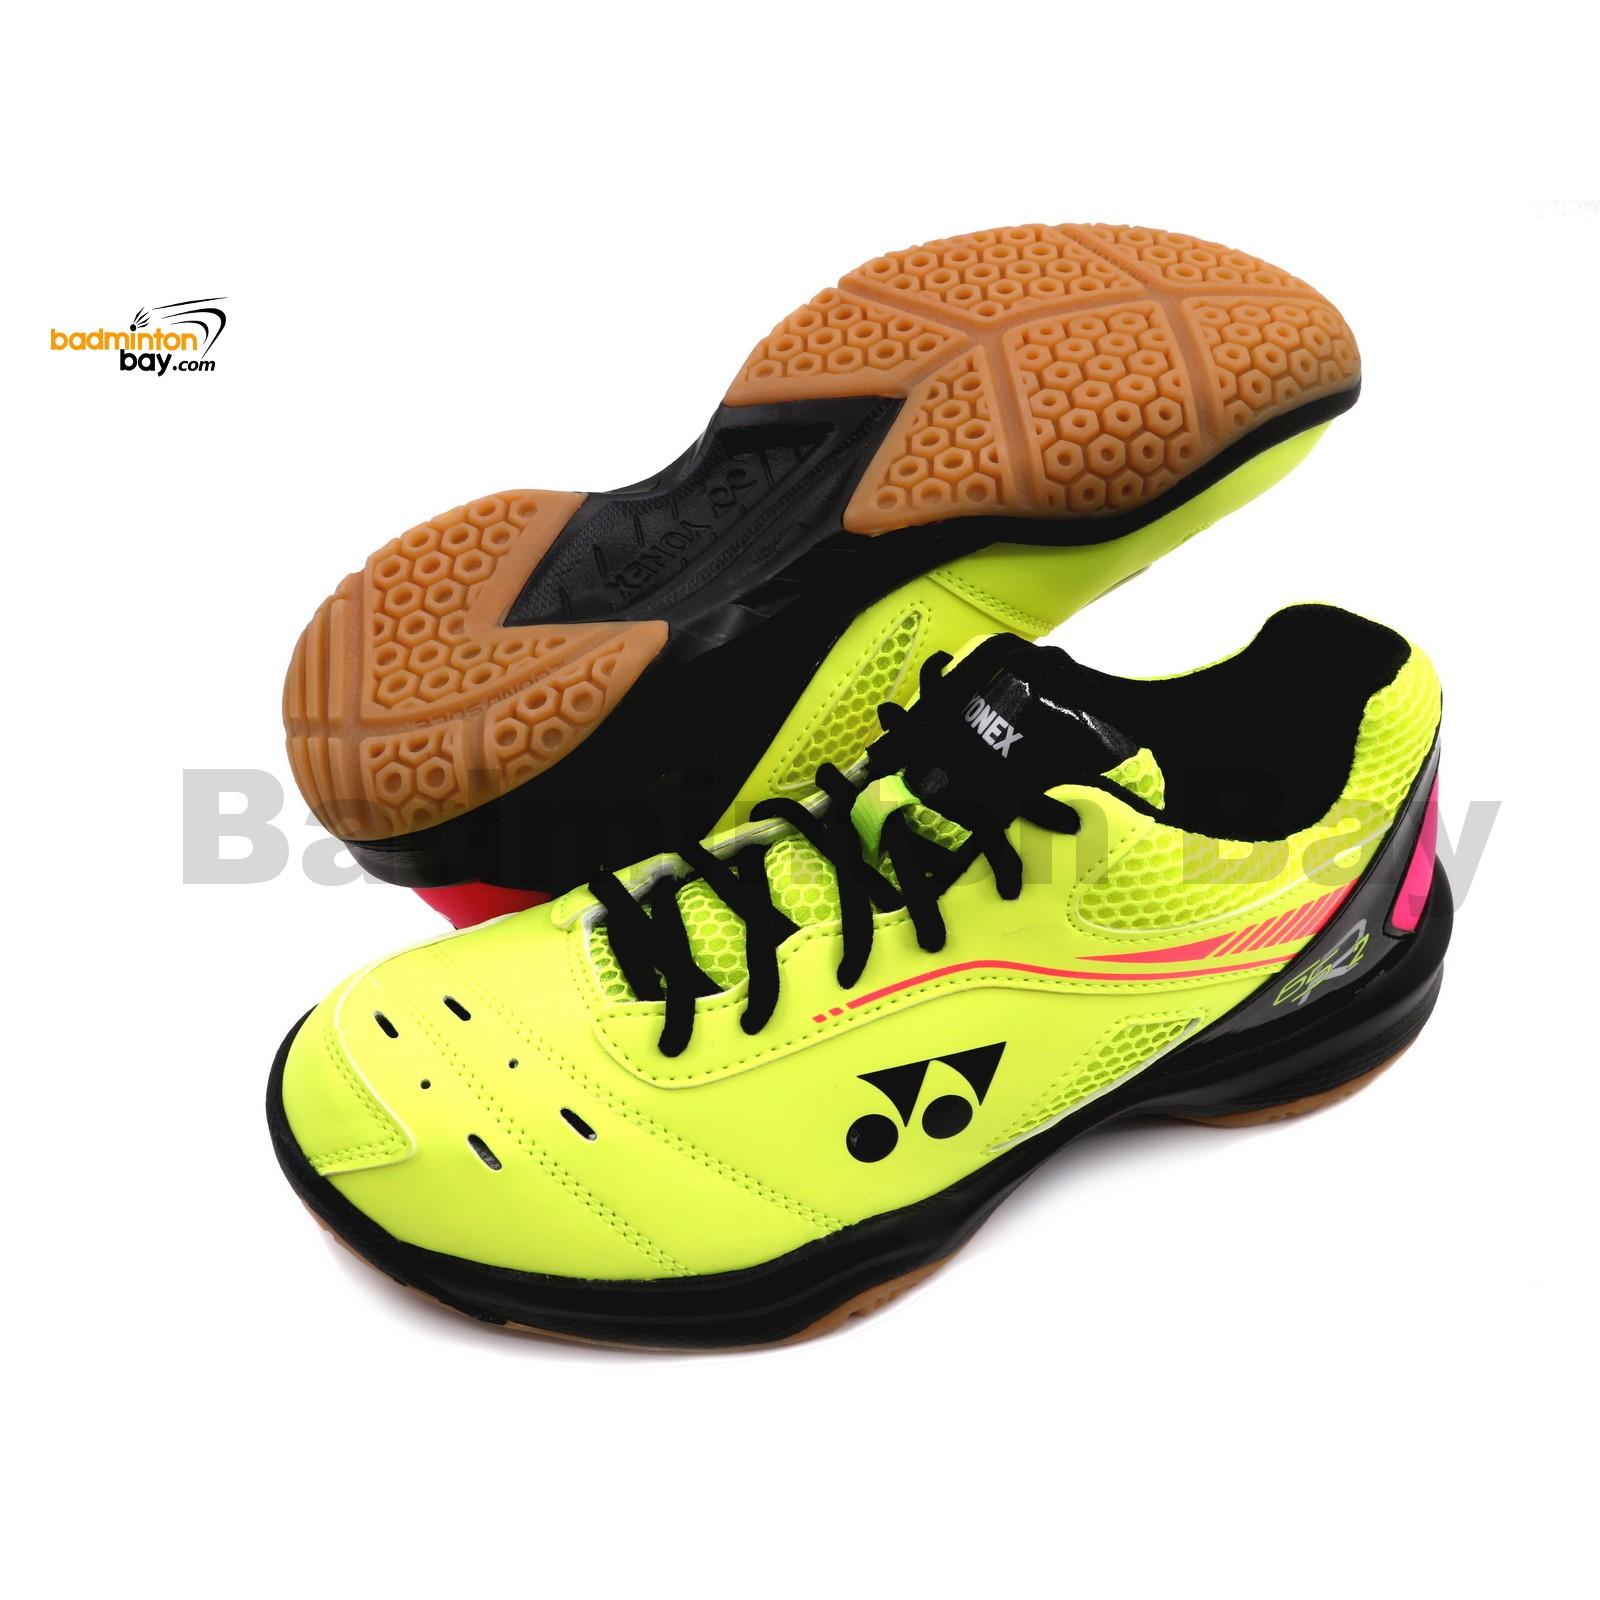 Unisex Badminton Shoes (SHB-65R2